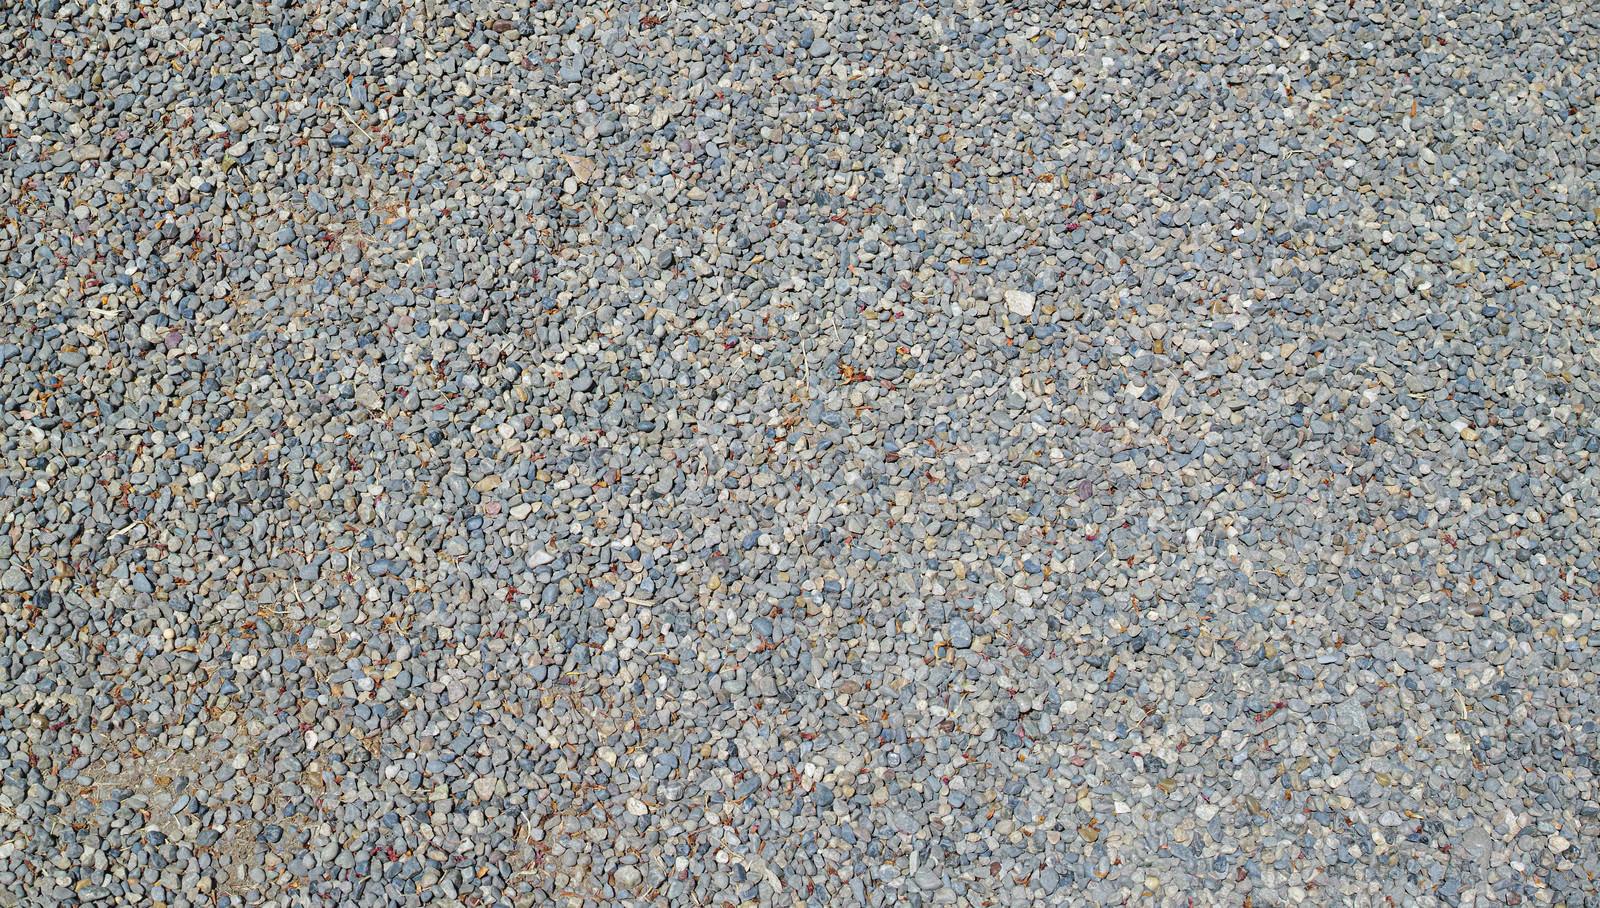 「細かい石がびっしりと敷き詰められた地面」の写真